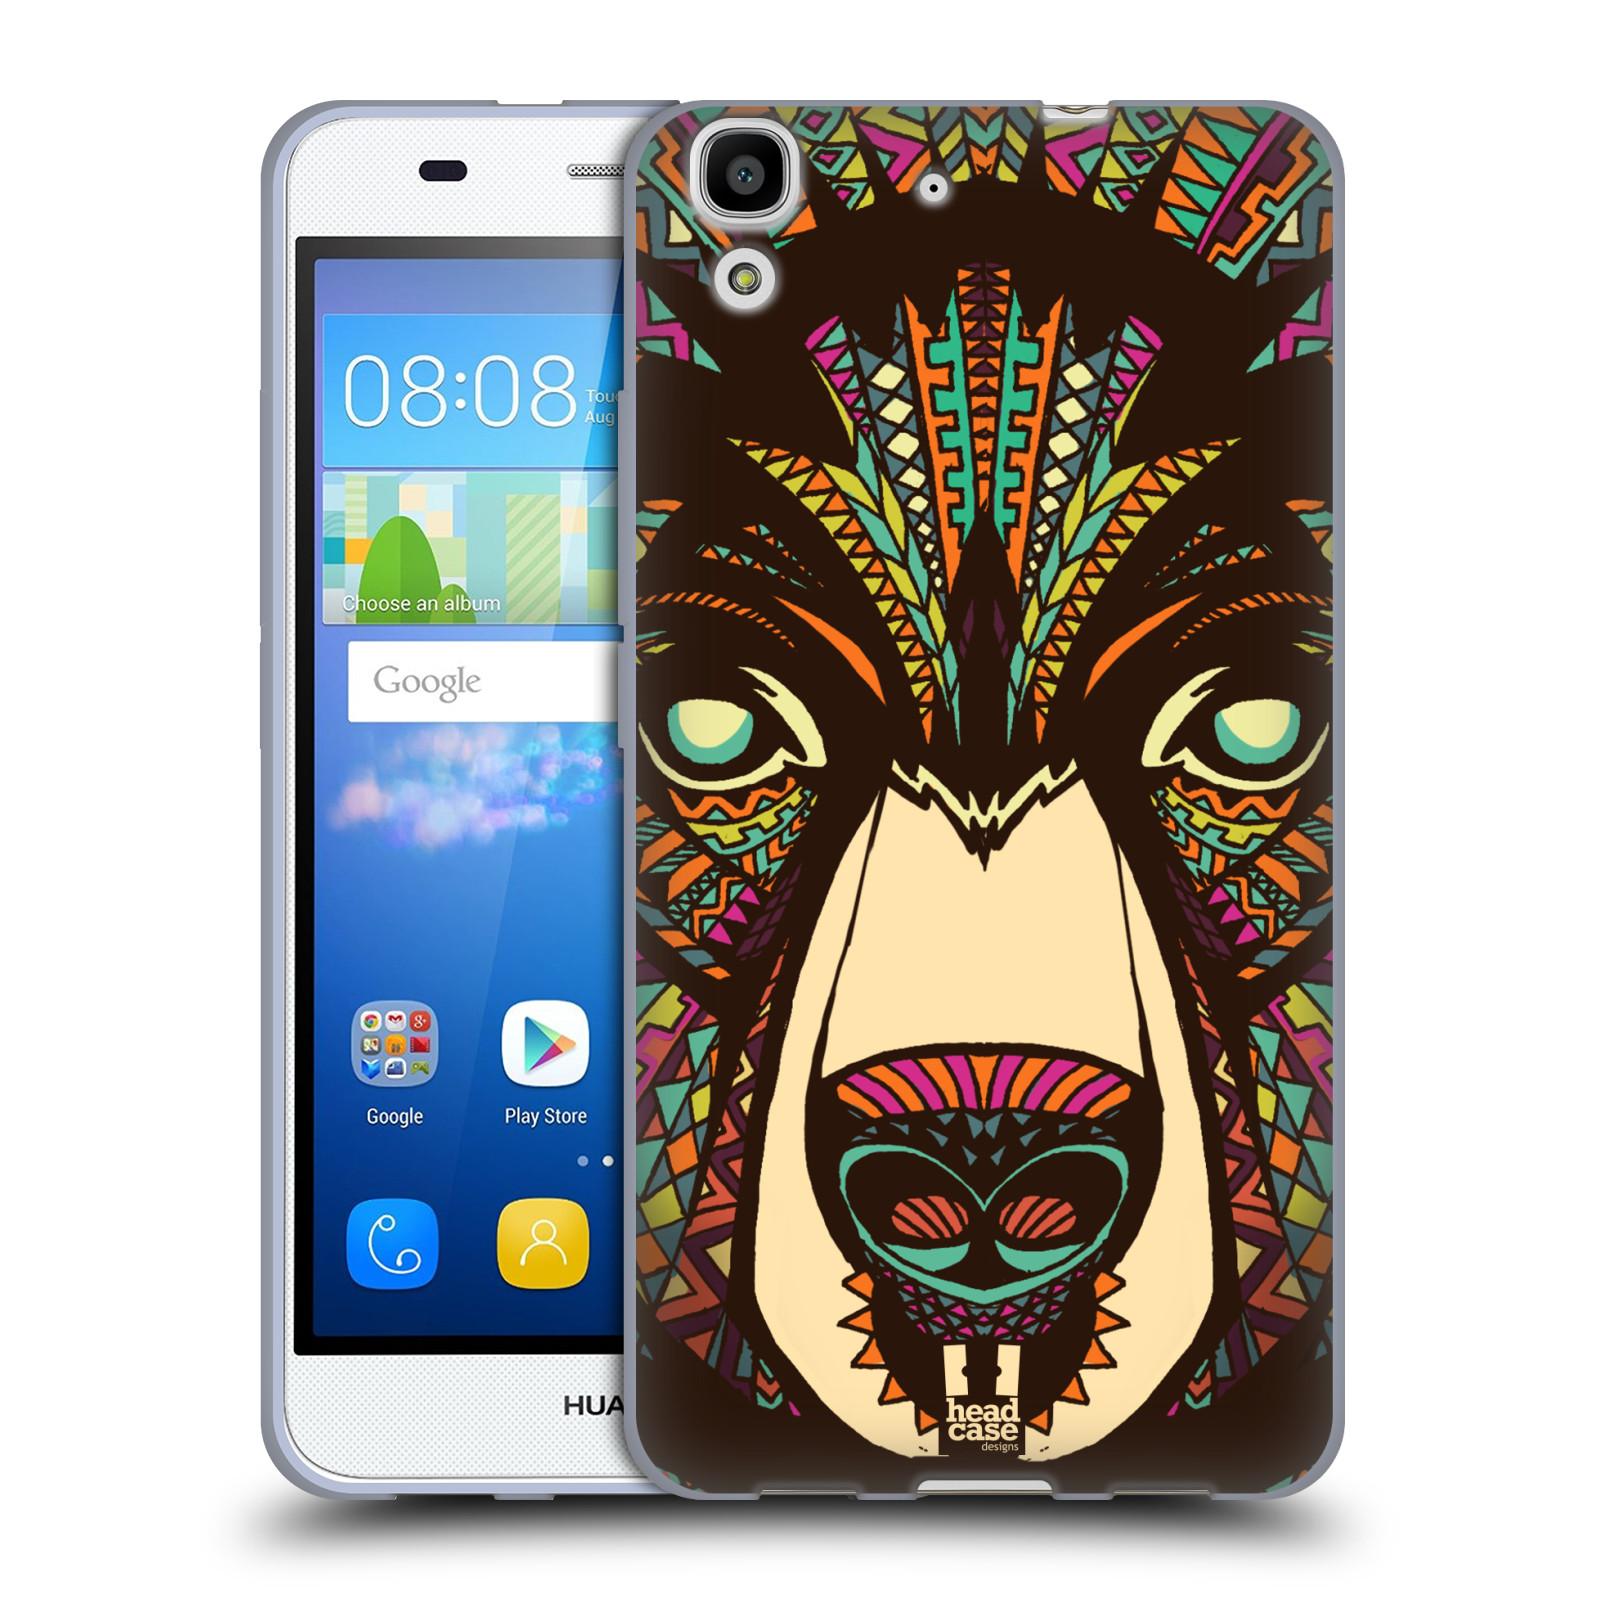 HEAD CASE silikonový obal na mobil HUAWEI Y6 vzor Aztécký motiv zvíře medvěd